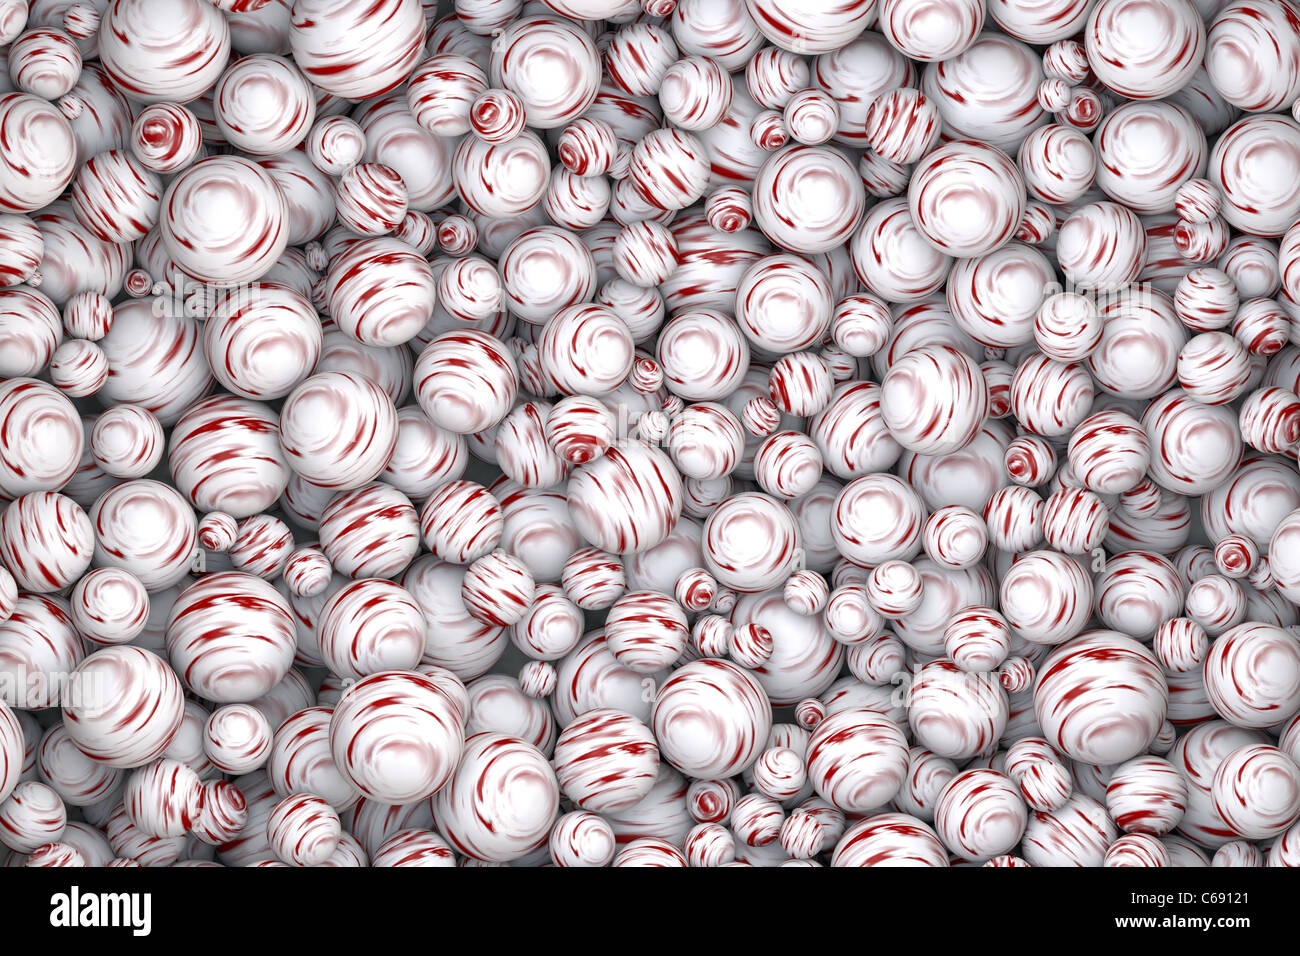 Wallpaper di astratta textured rosso e palle bianche Immagini Stock